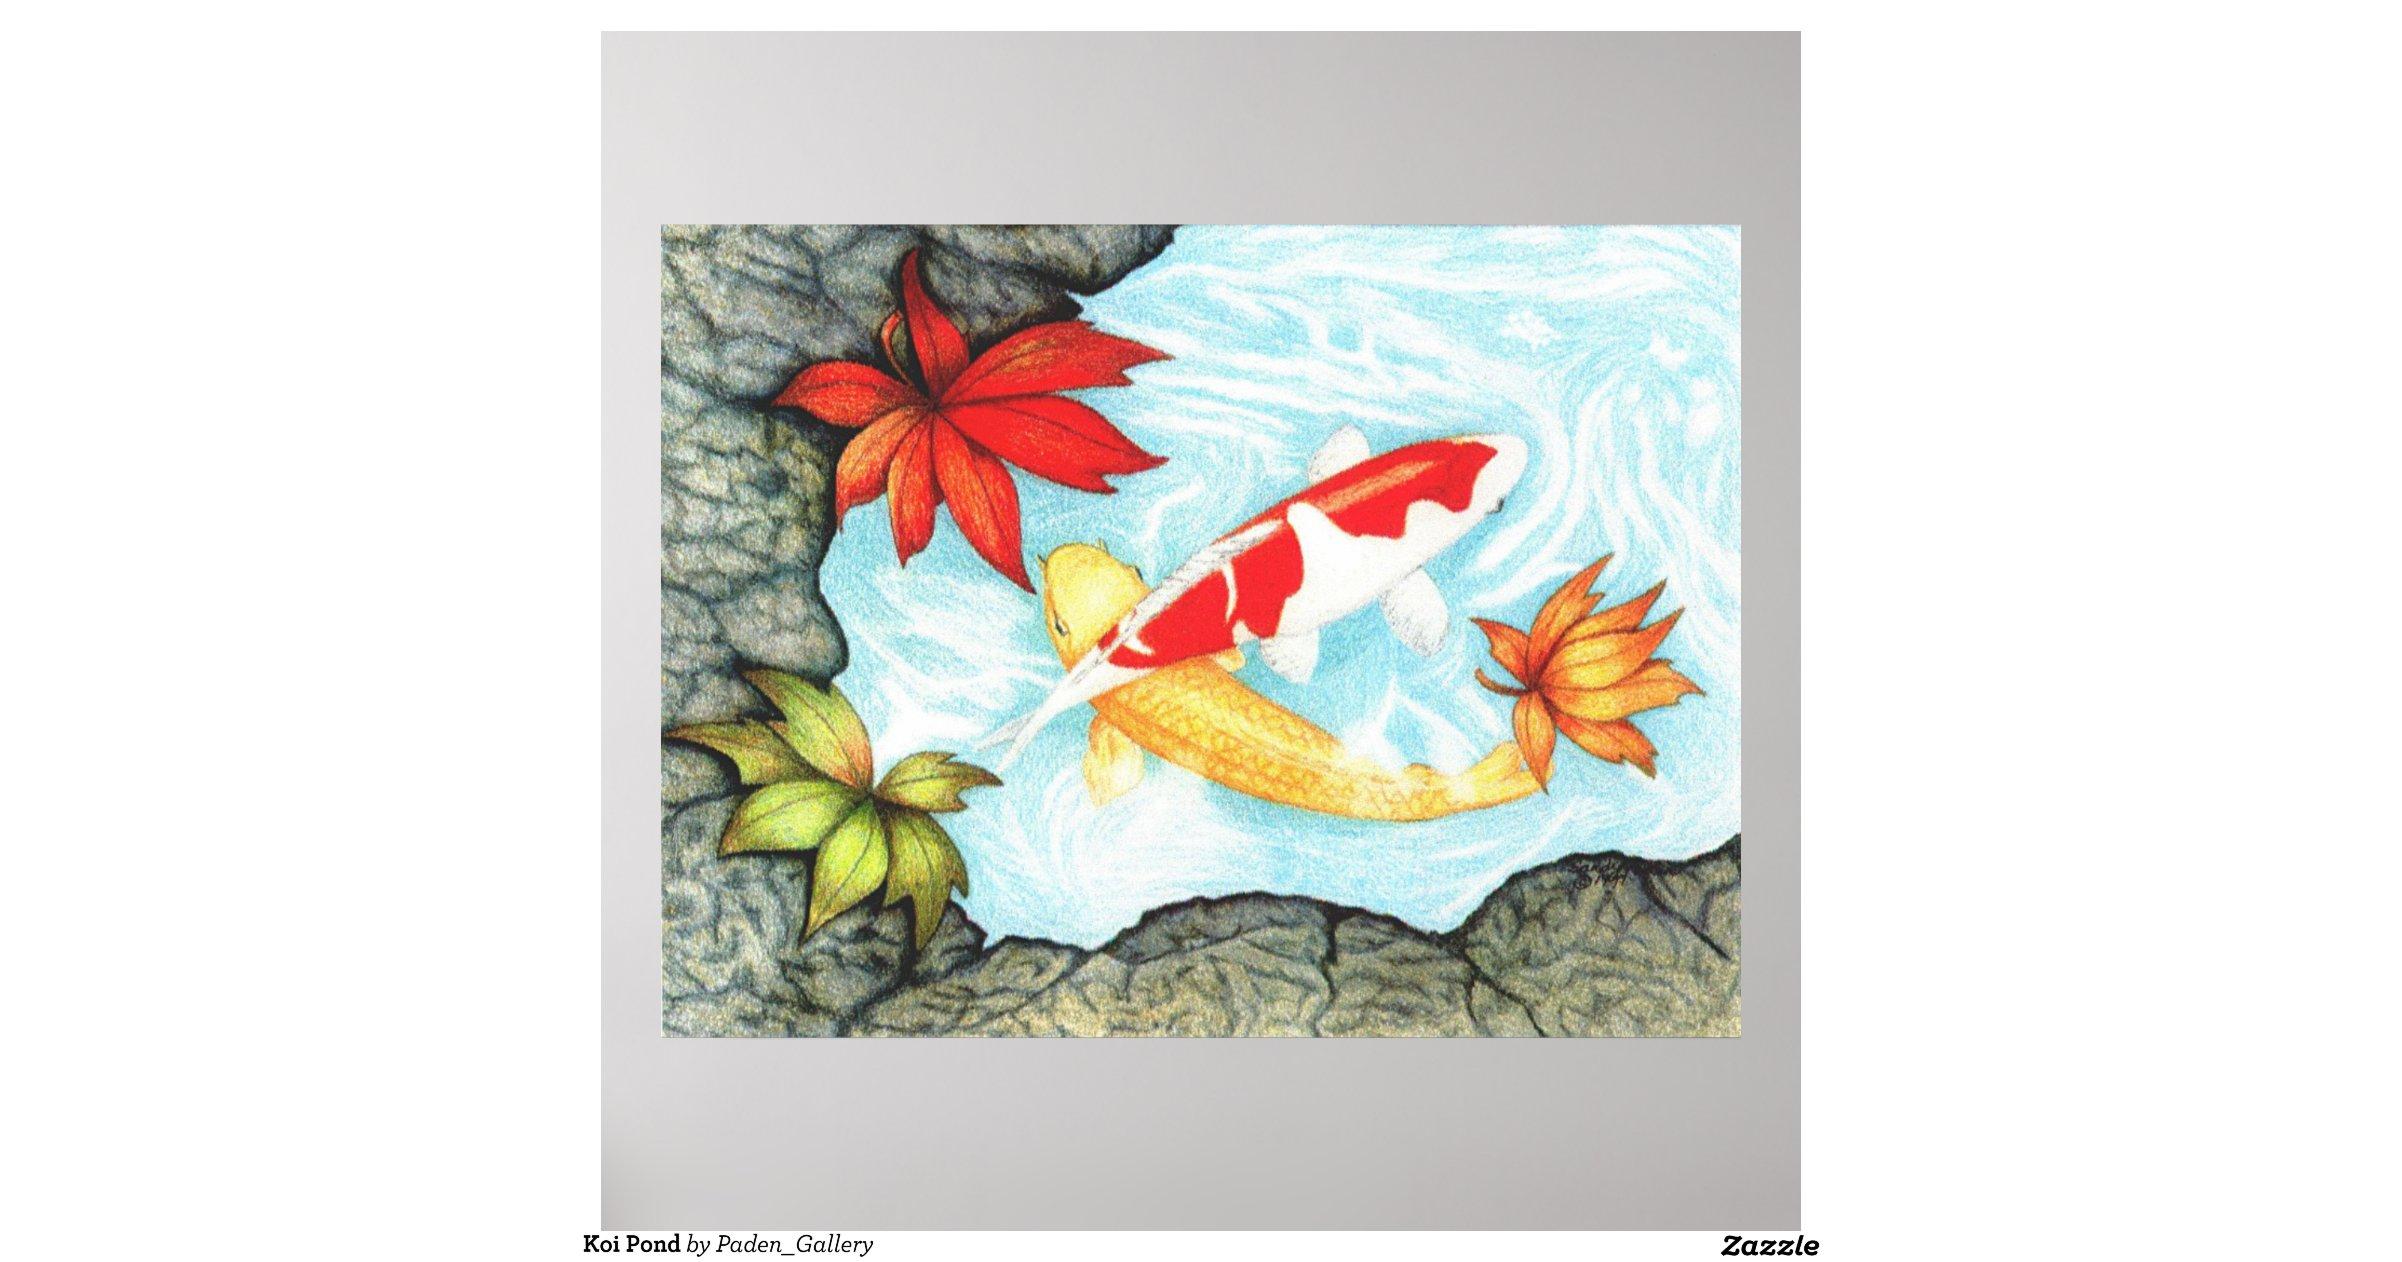 Koi pond poster zazzle for Koi pond gift ideas